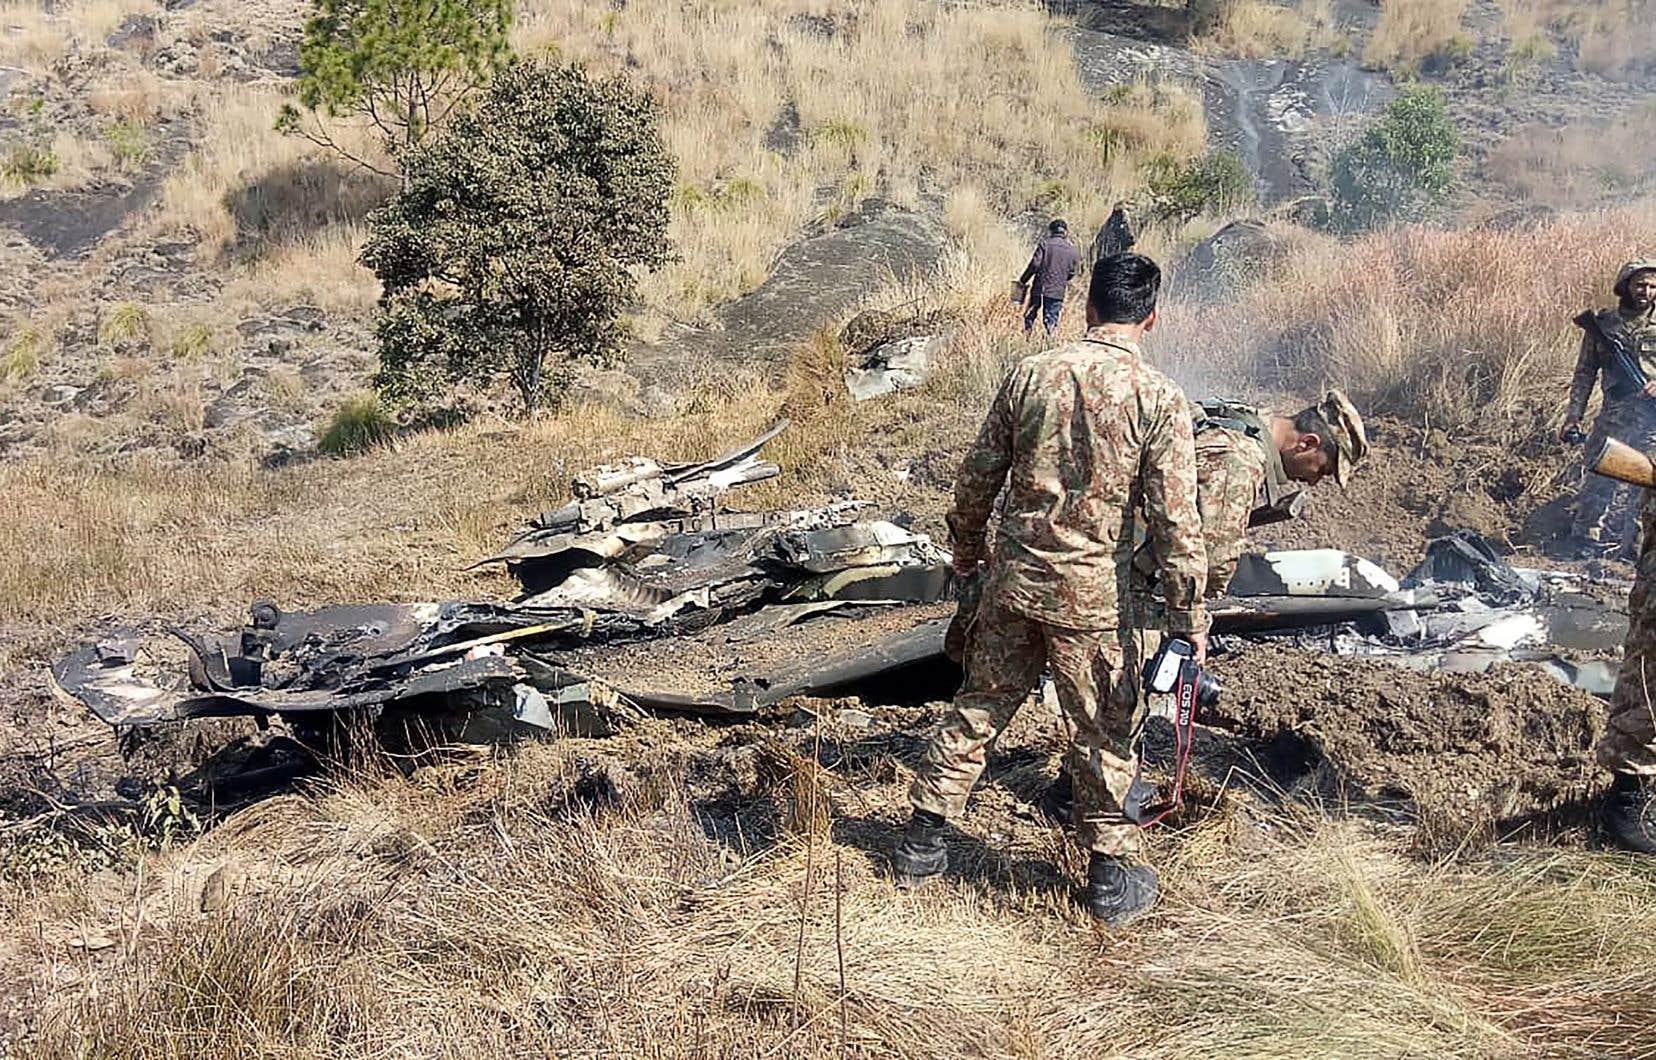 Les forces armées pakistanaises ont affirmé mercredi avoir abattu deux avions indiens dans l'espace aérien pakistanais.